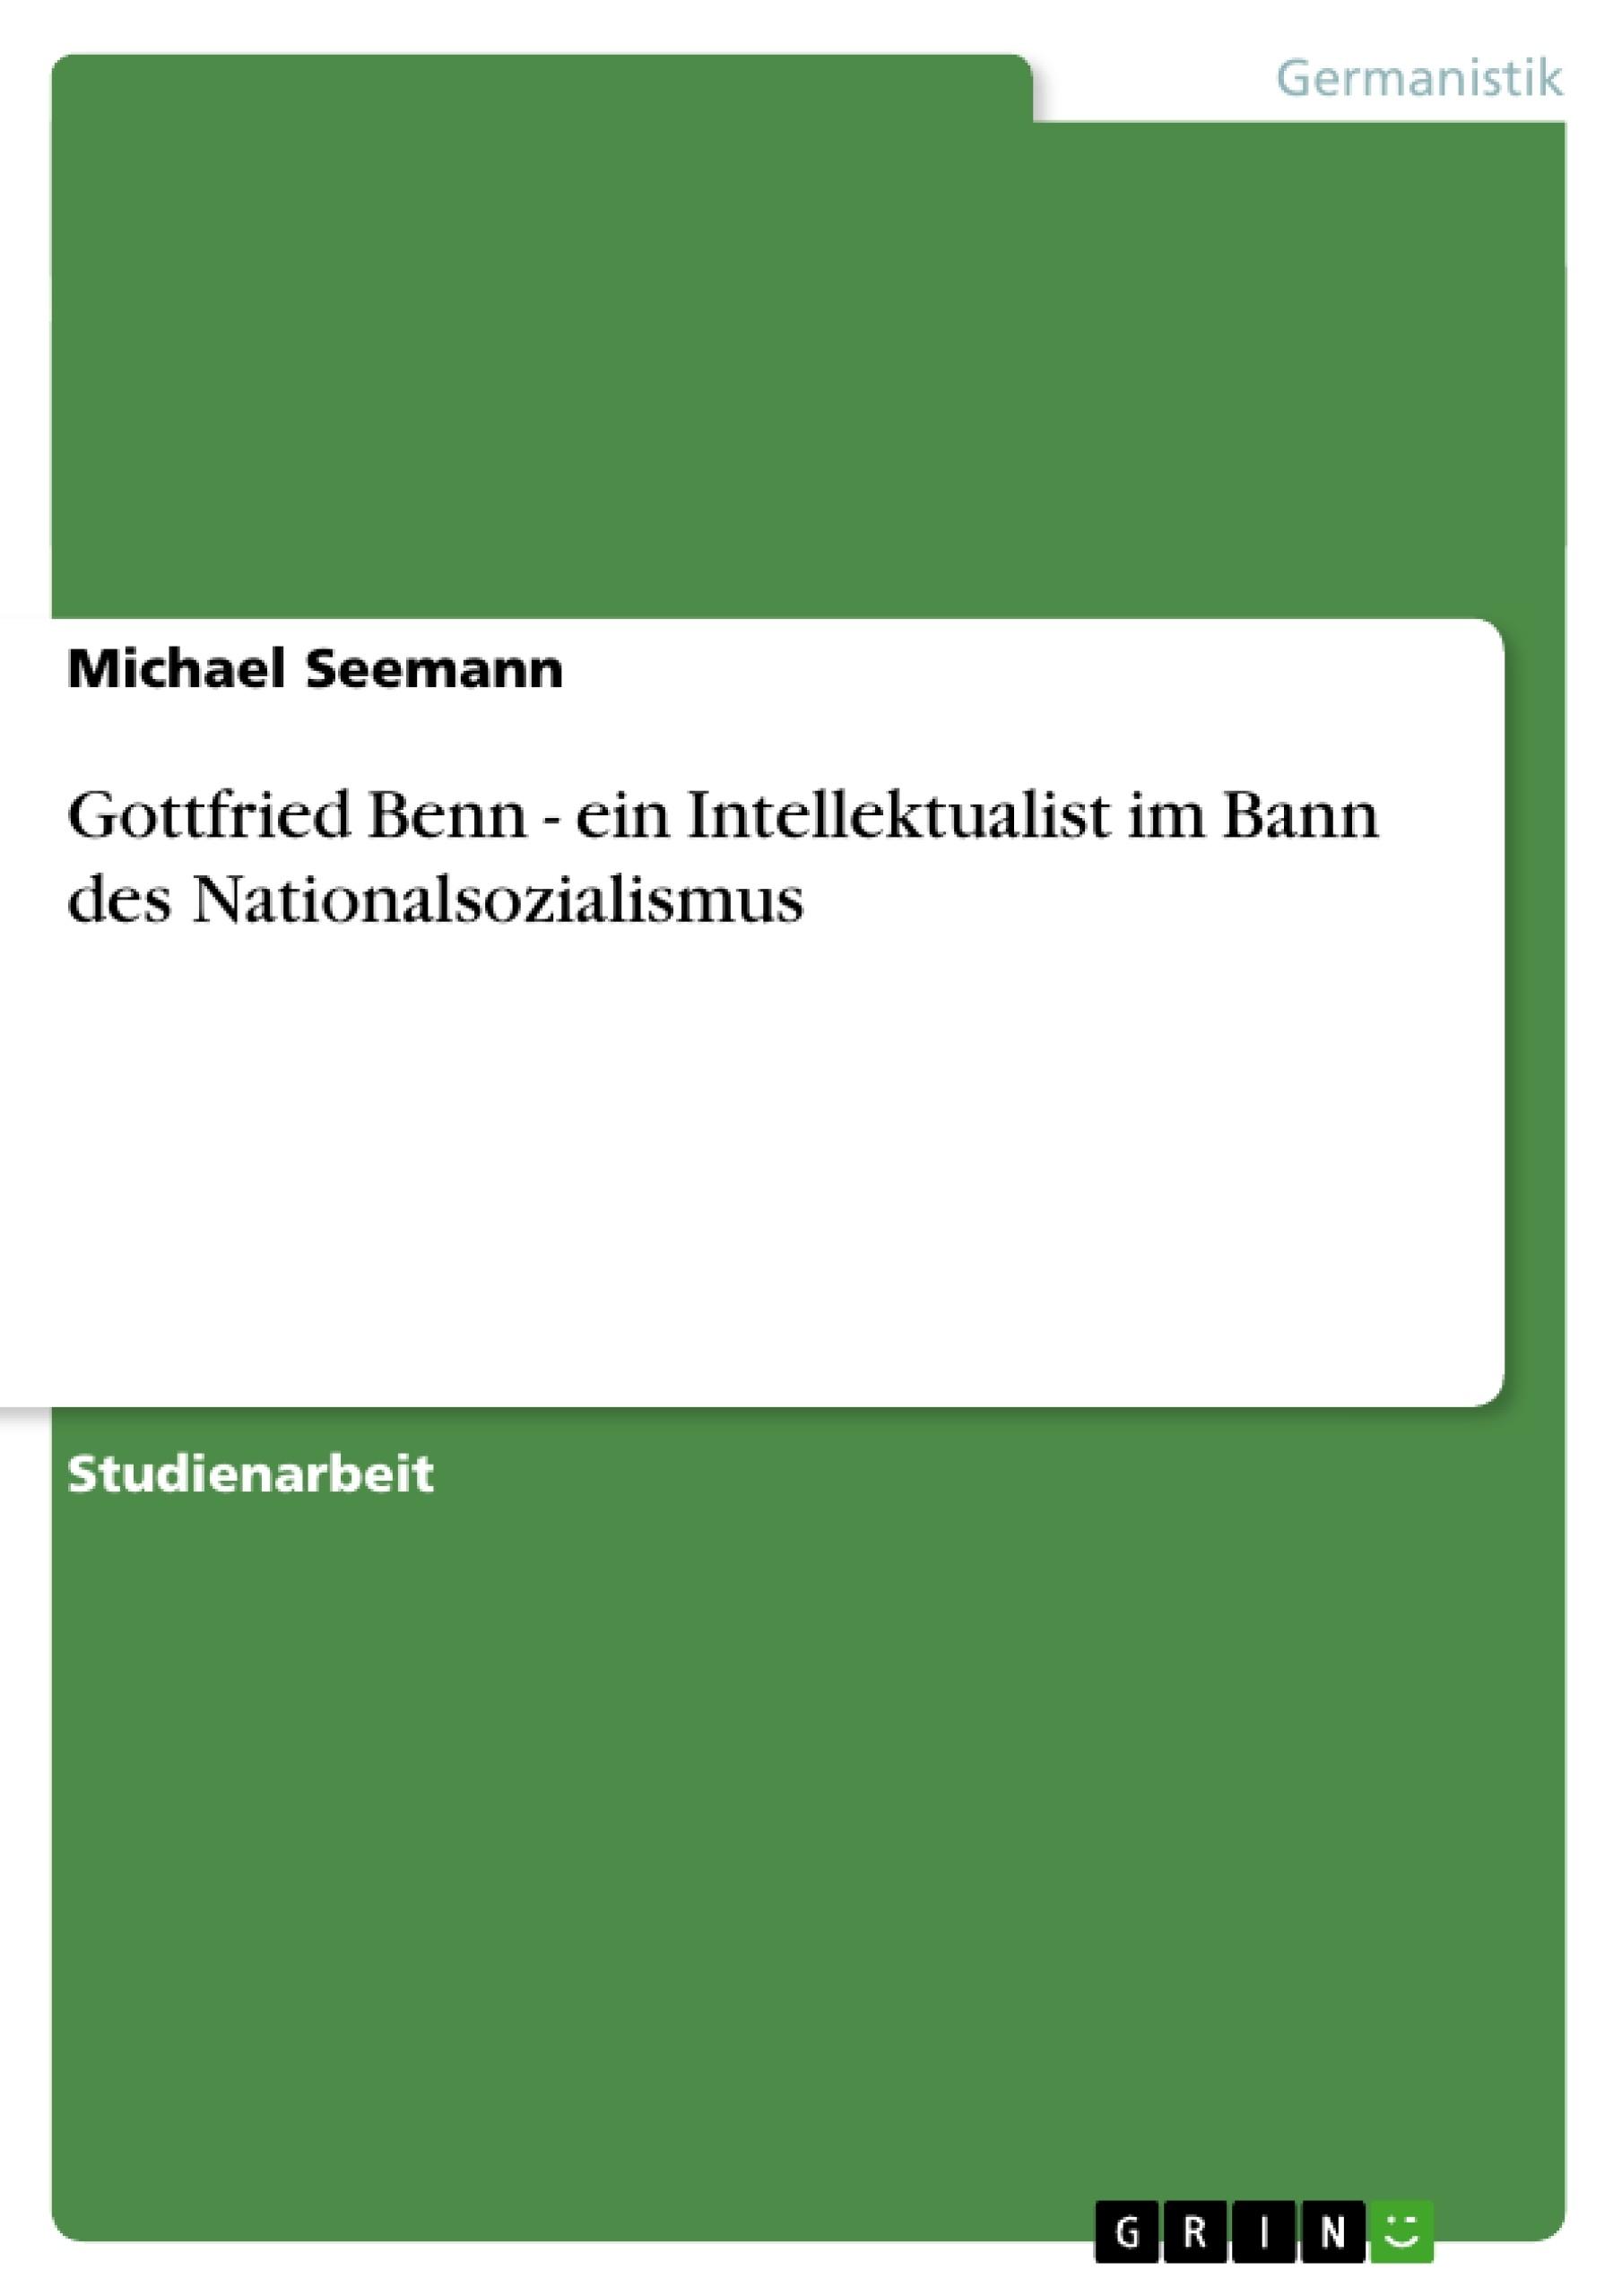 Titel: Gottfried Benn - ein Intellektualist im Bann des Nationalsozialismus